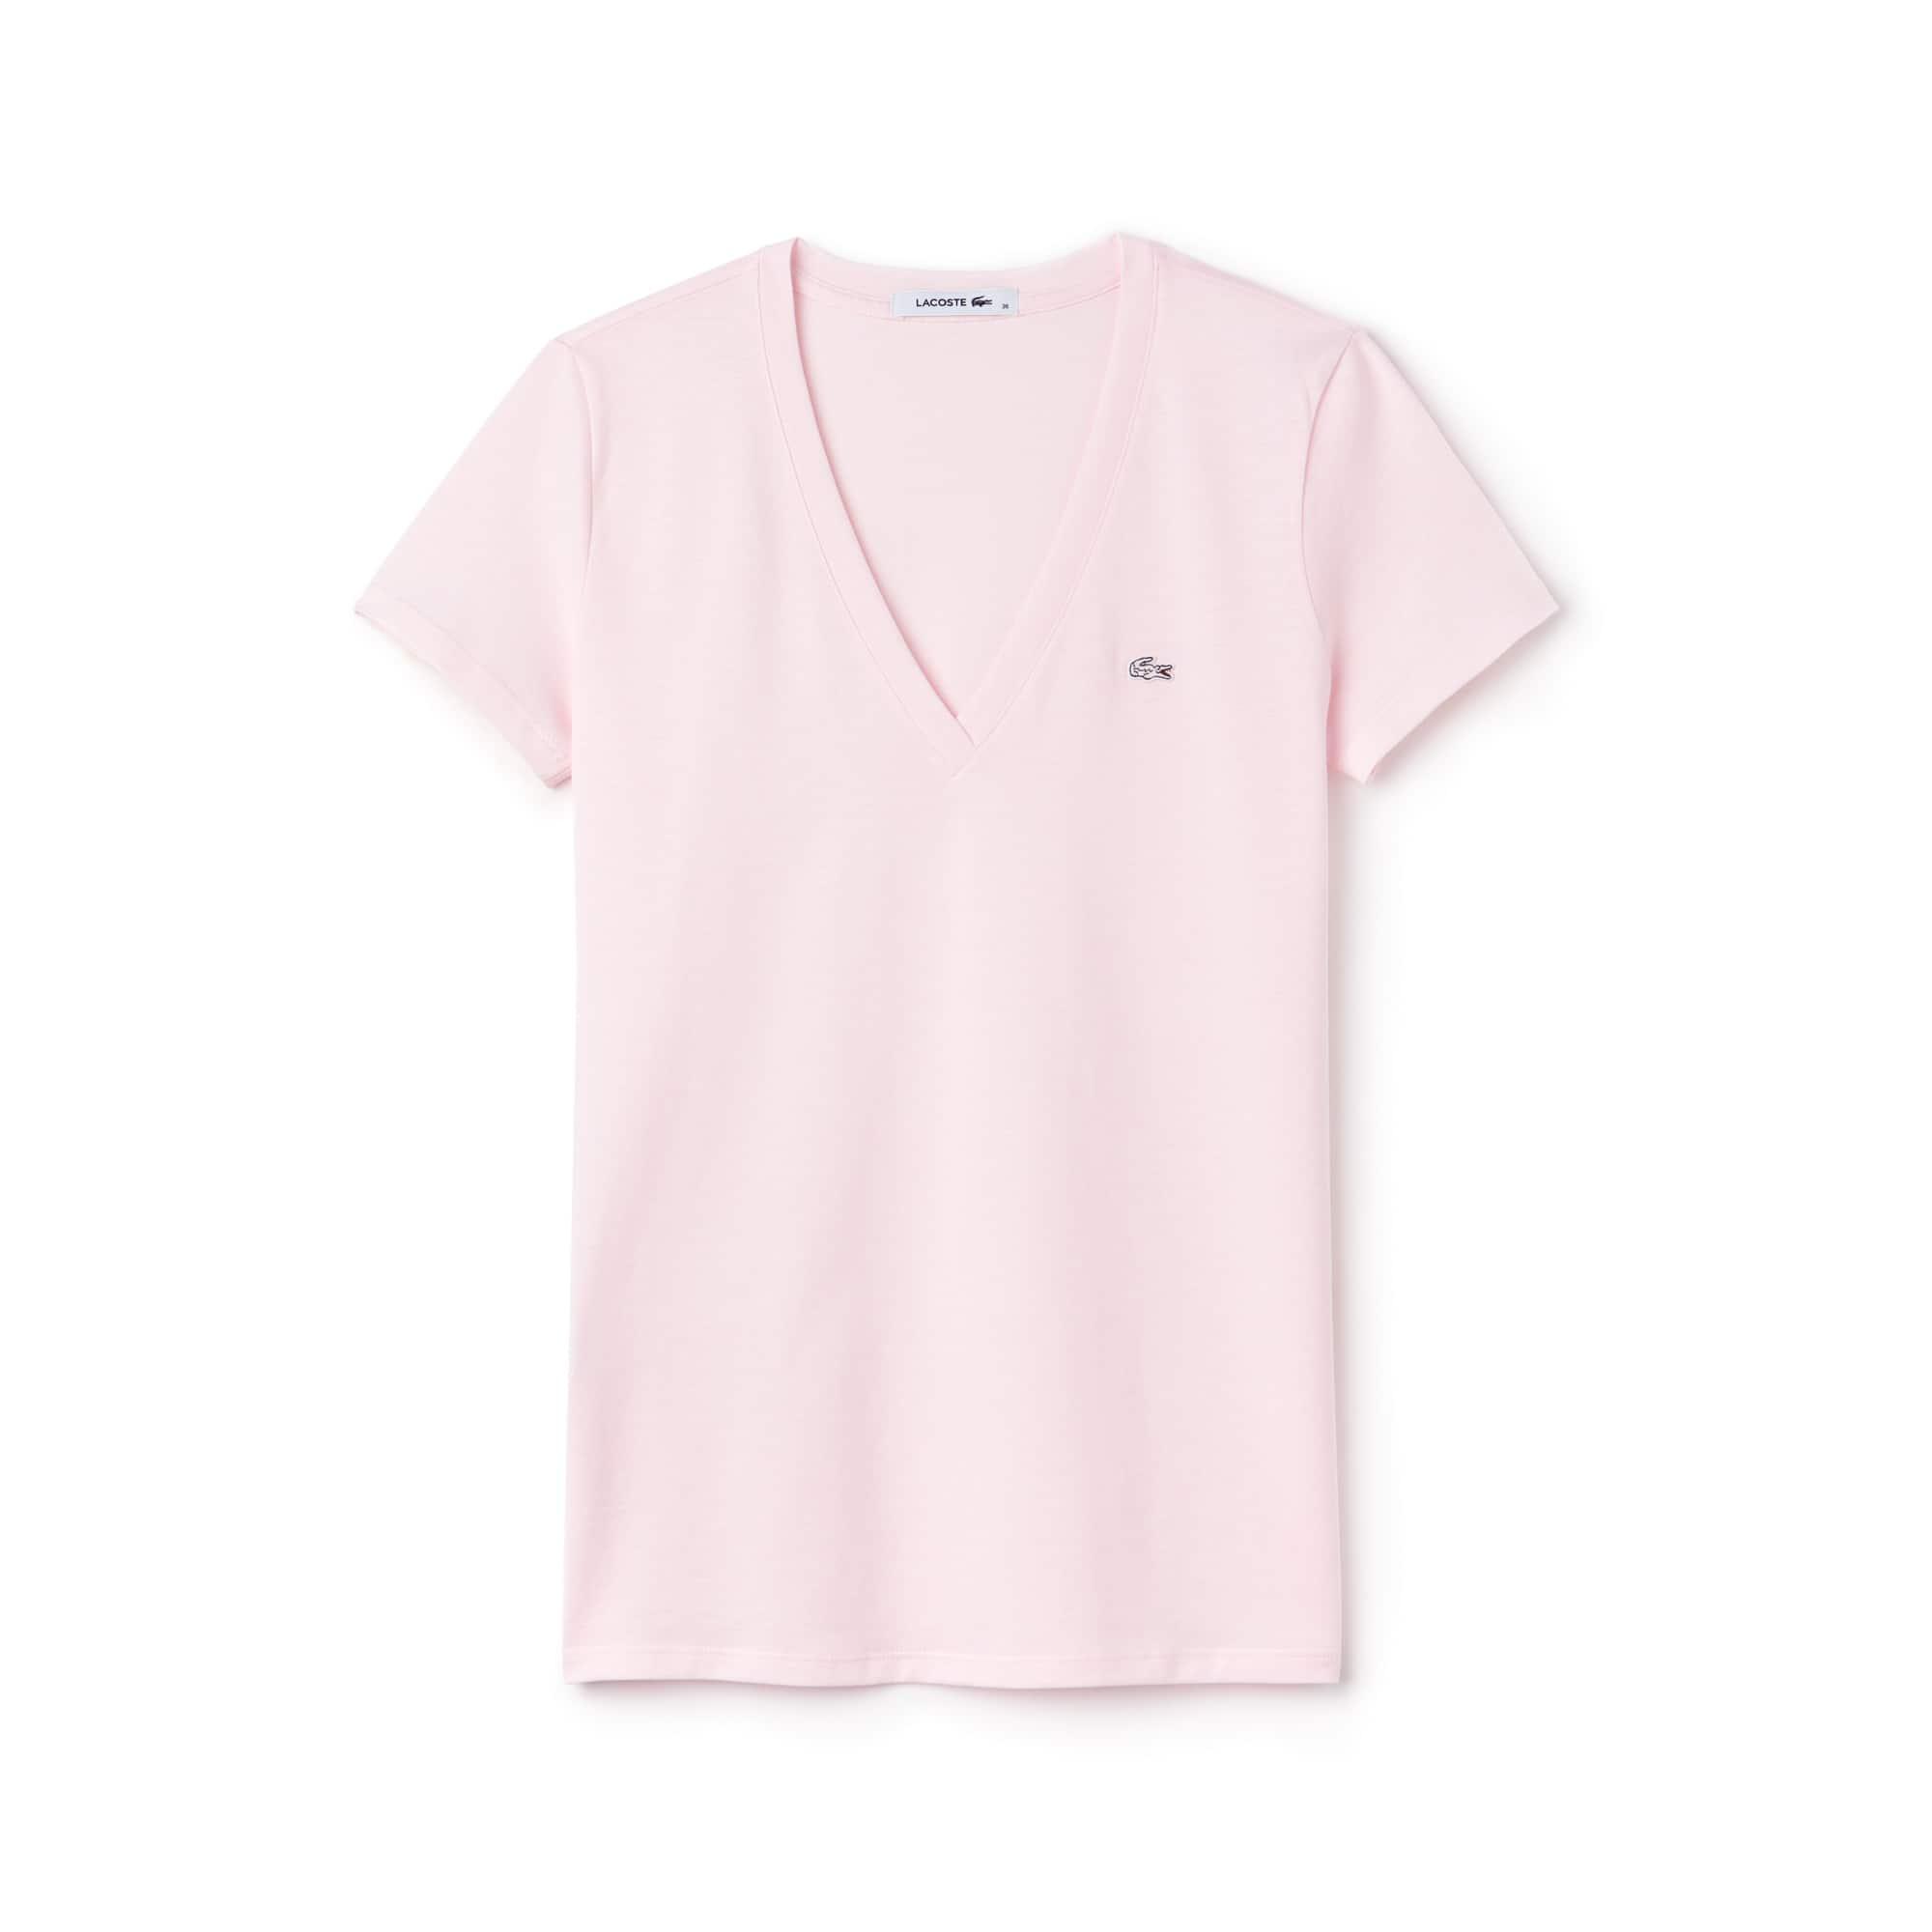 Women's Jersey Cotton V-Neck T-Shirt